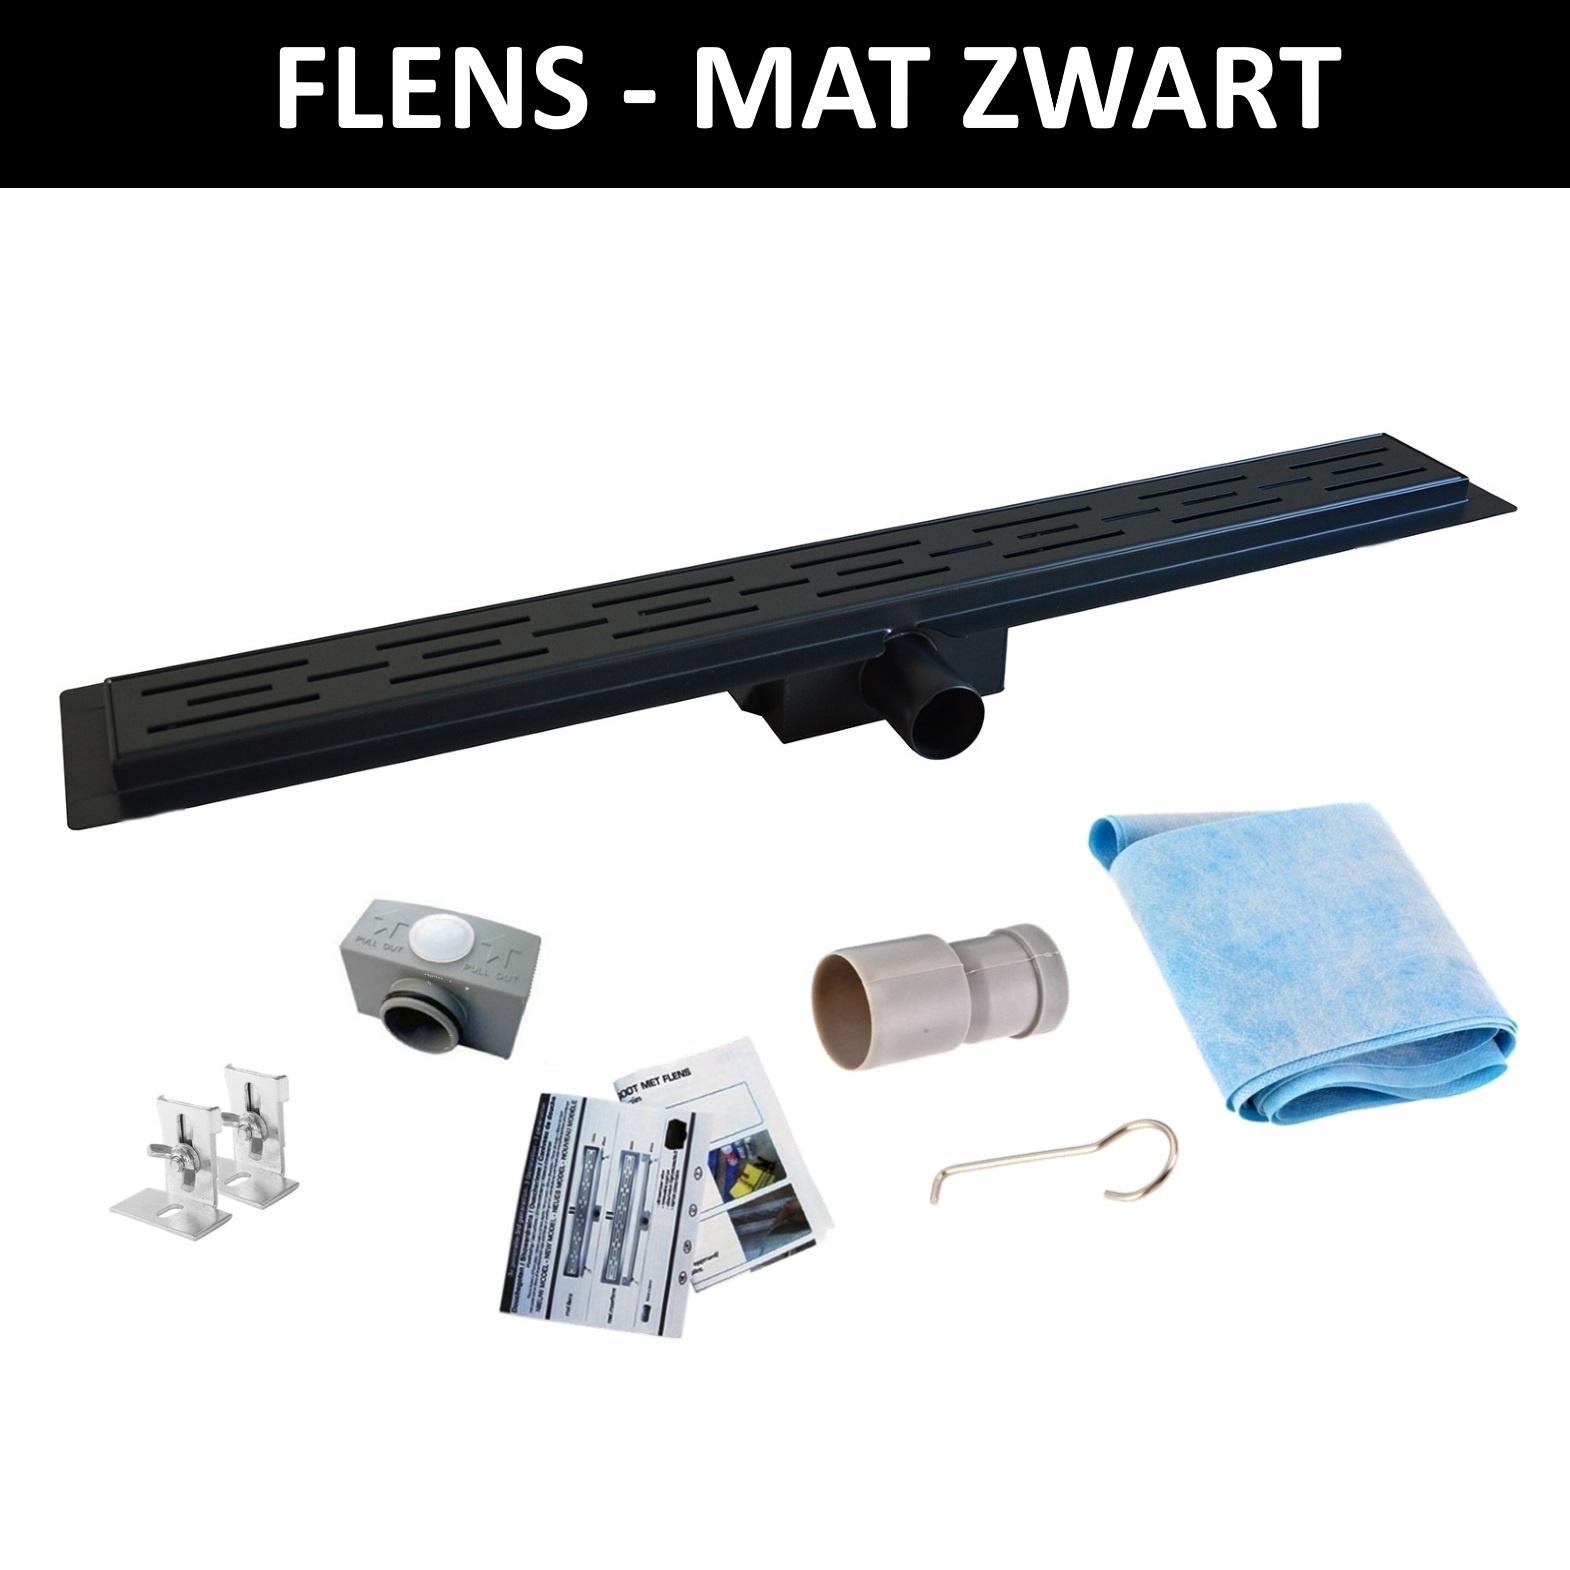 Boss & Wessing Mat Zwart RVS Douchegoot Flens met Uitneembaar Sifon MAT ZWART - Mat Zwarte RVS Douchegoot Flens Met Uitneembaar Sifon 20 cm